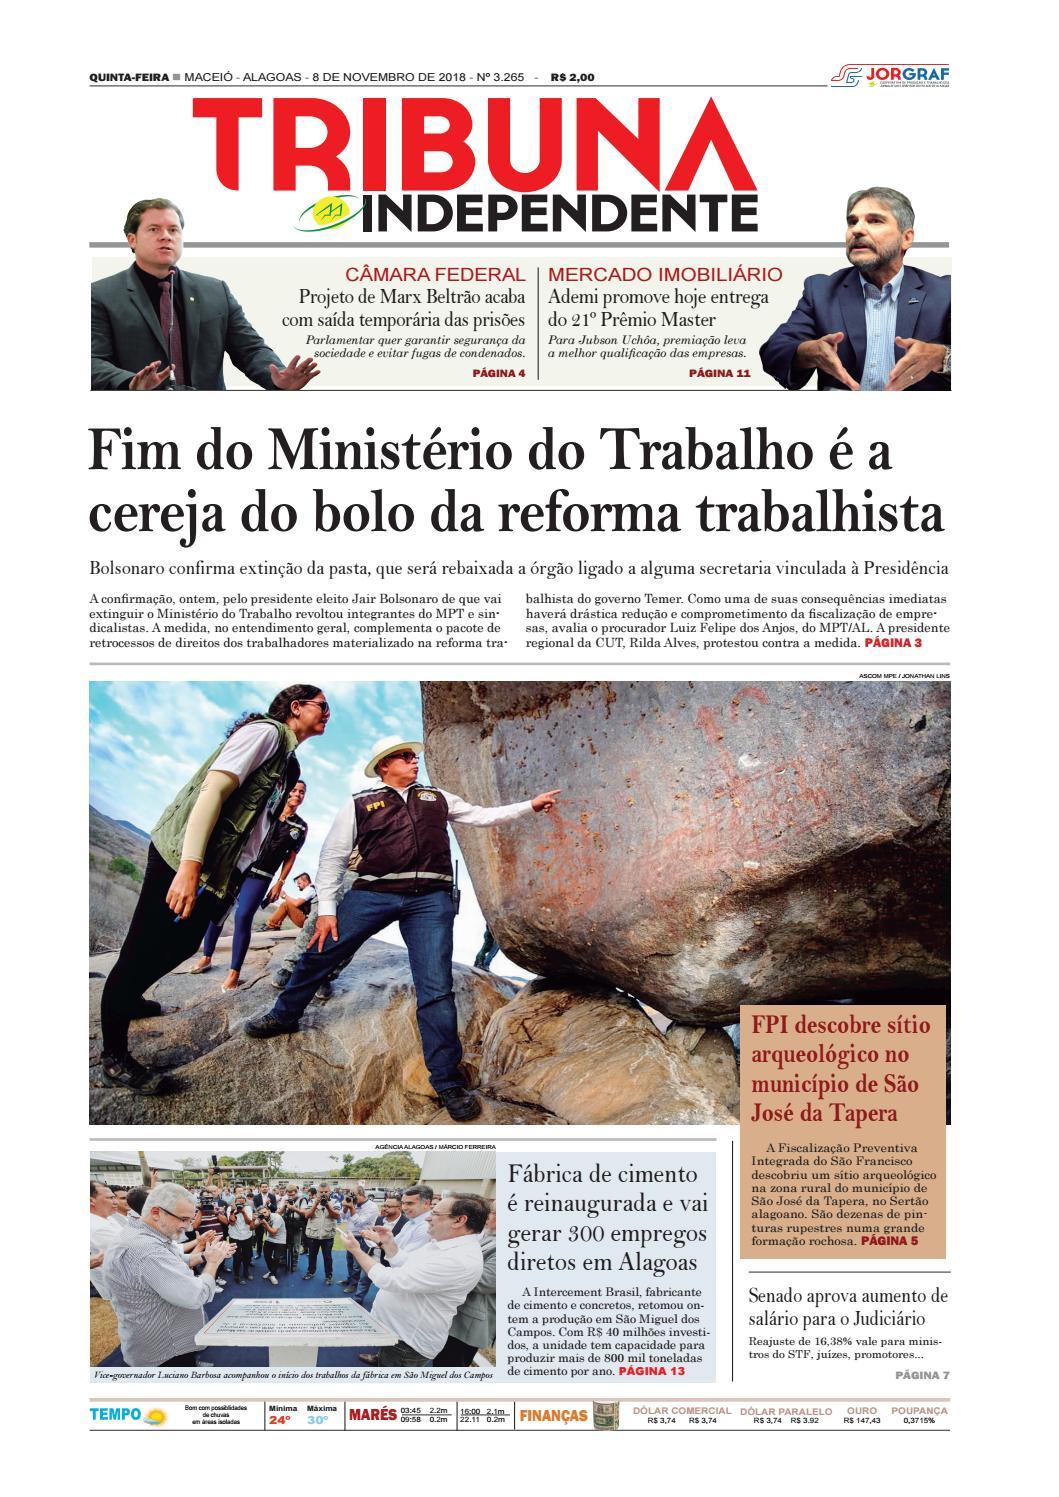 69ff9e4e0a9ee Edição número 3265 - 8 de novembro de 2018 by Tribuna Hoje - issuu